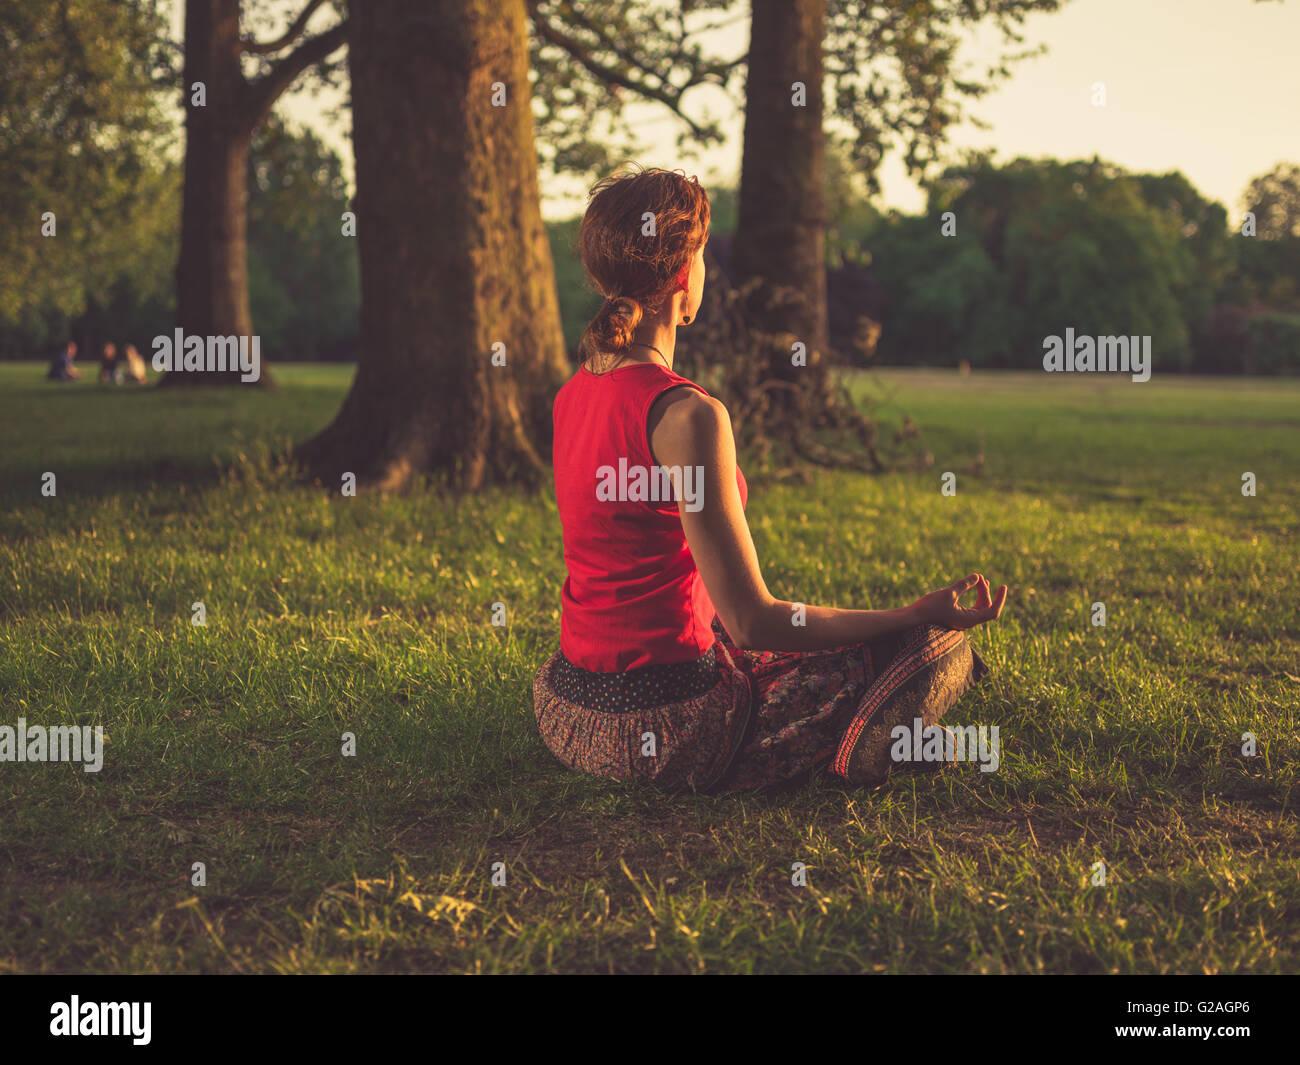 Un joven está sentado sobre el césped de un parque y está meditando al atardecer Imagen De Stock